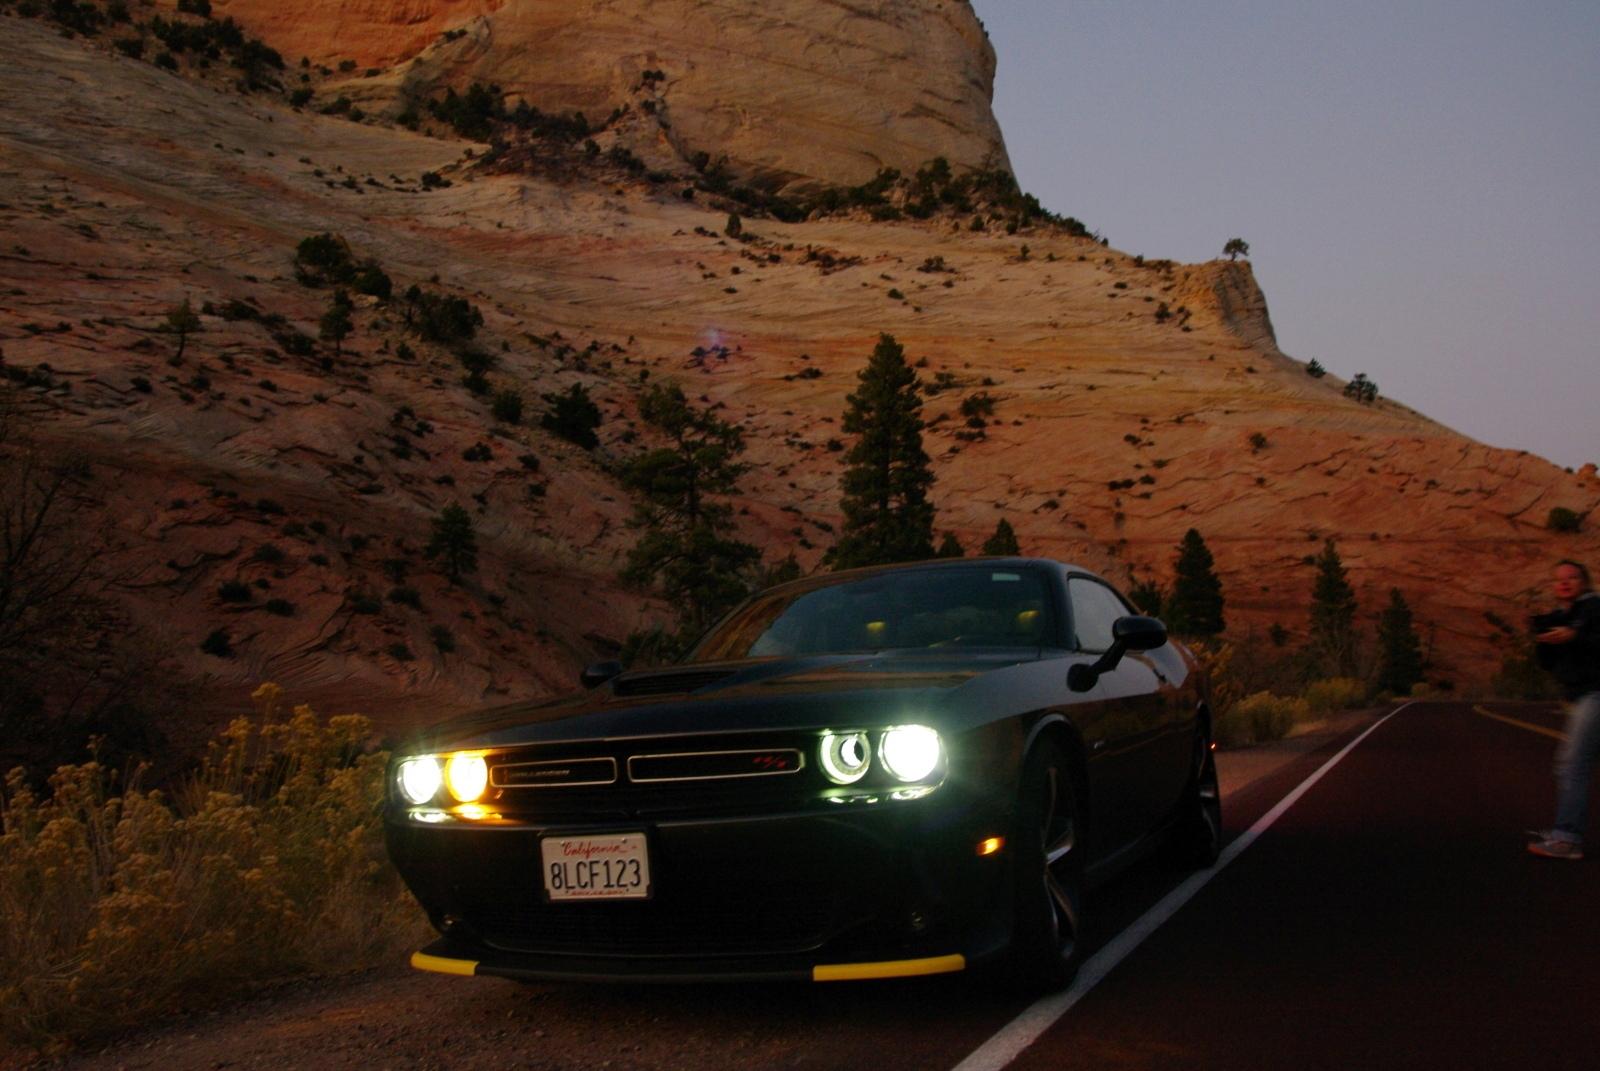 Road Trip / Ouest des USA en Challenger de location -Part II Imgpk240